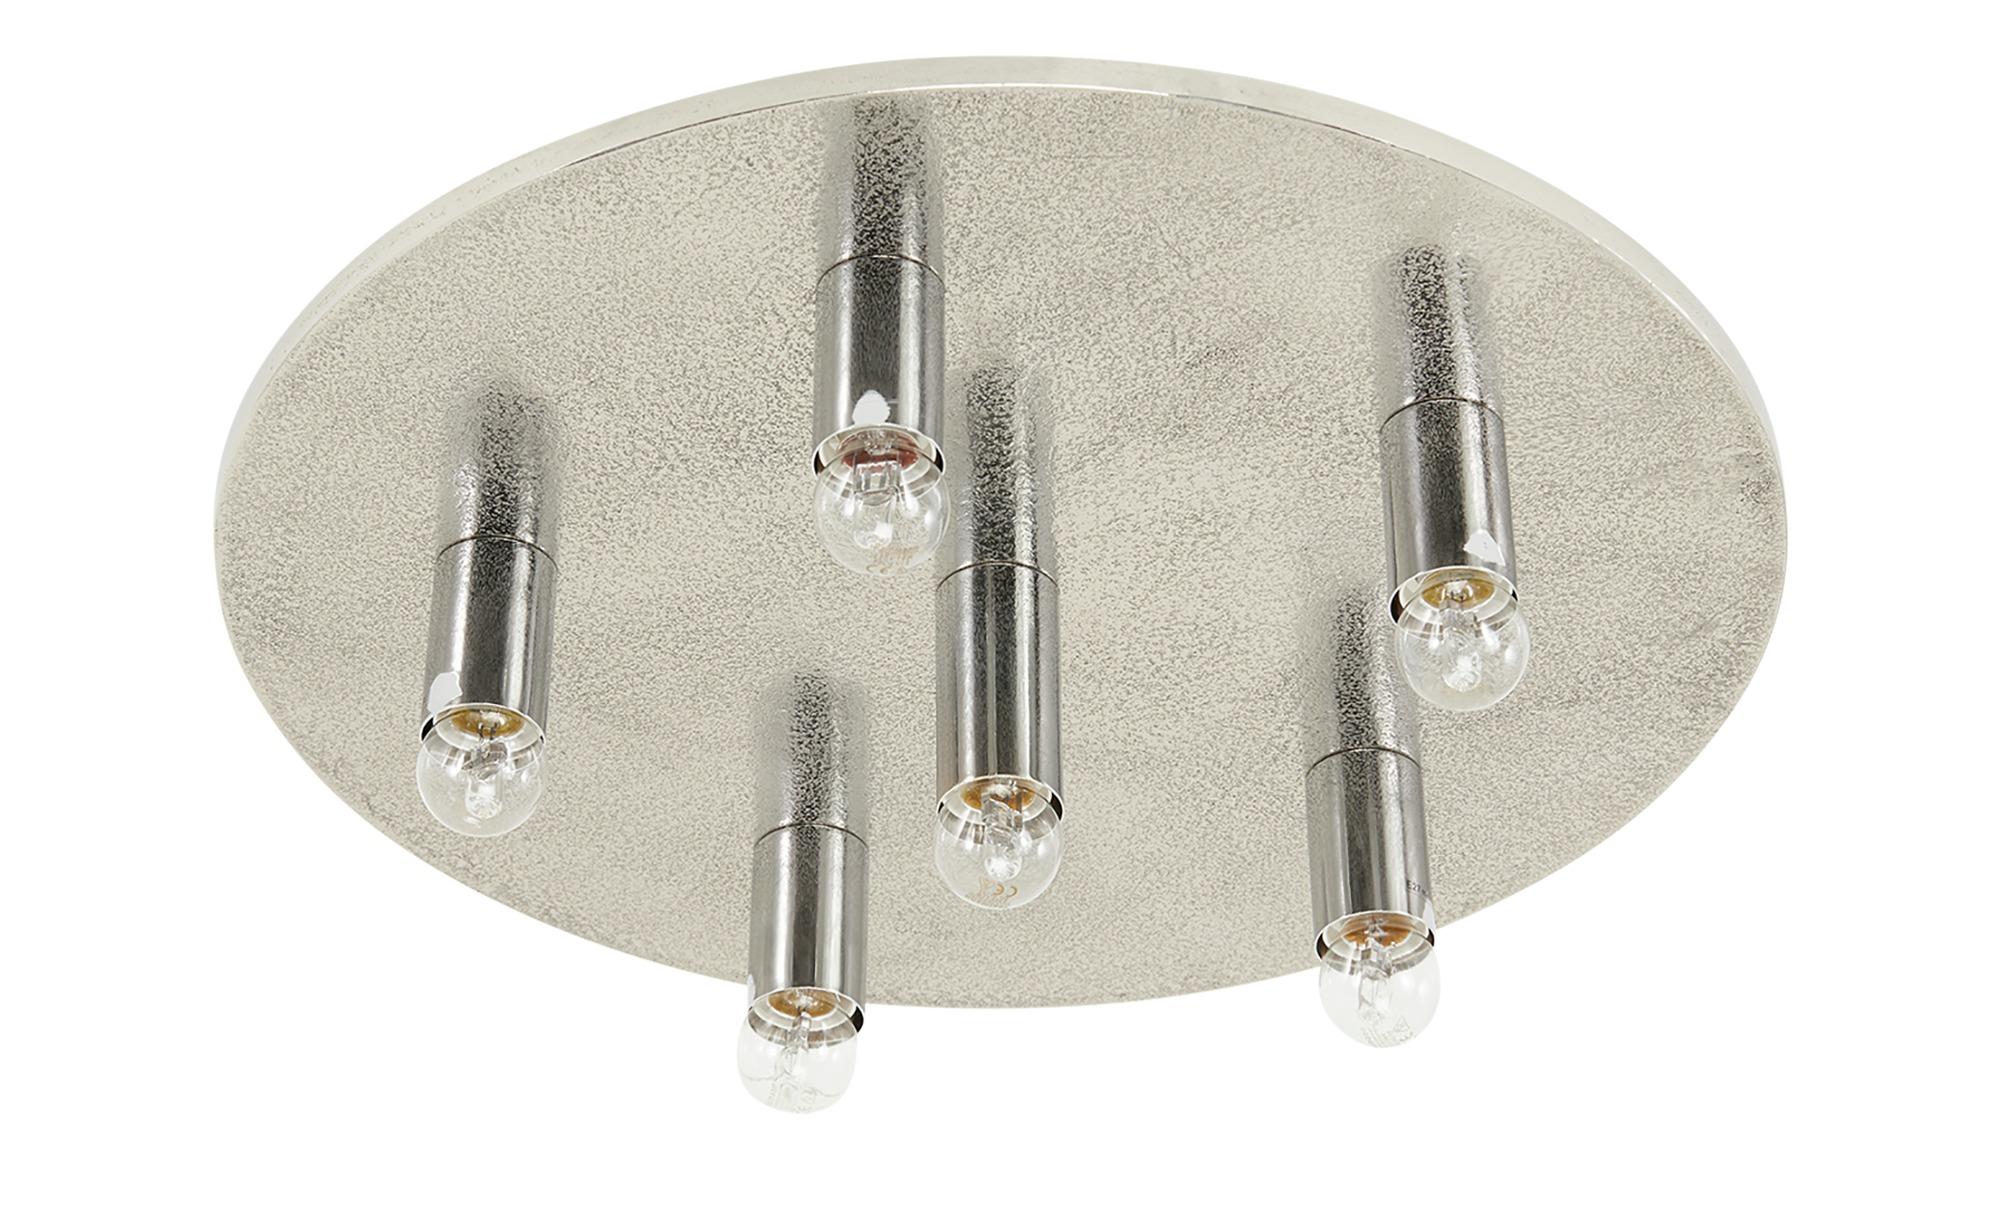 Fischer-Honsel Deckenleuchte, 6-flammig, alufarben ¦ silberØ: 55 Lampen & Leuchten > Innenleuchten > Deckenleuchten - Höffner